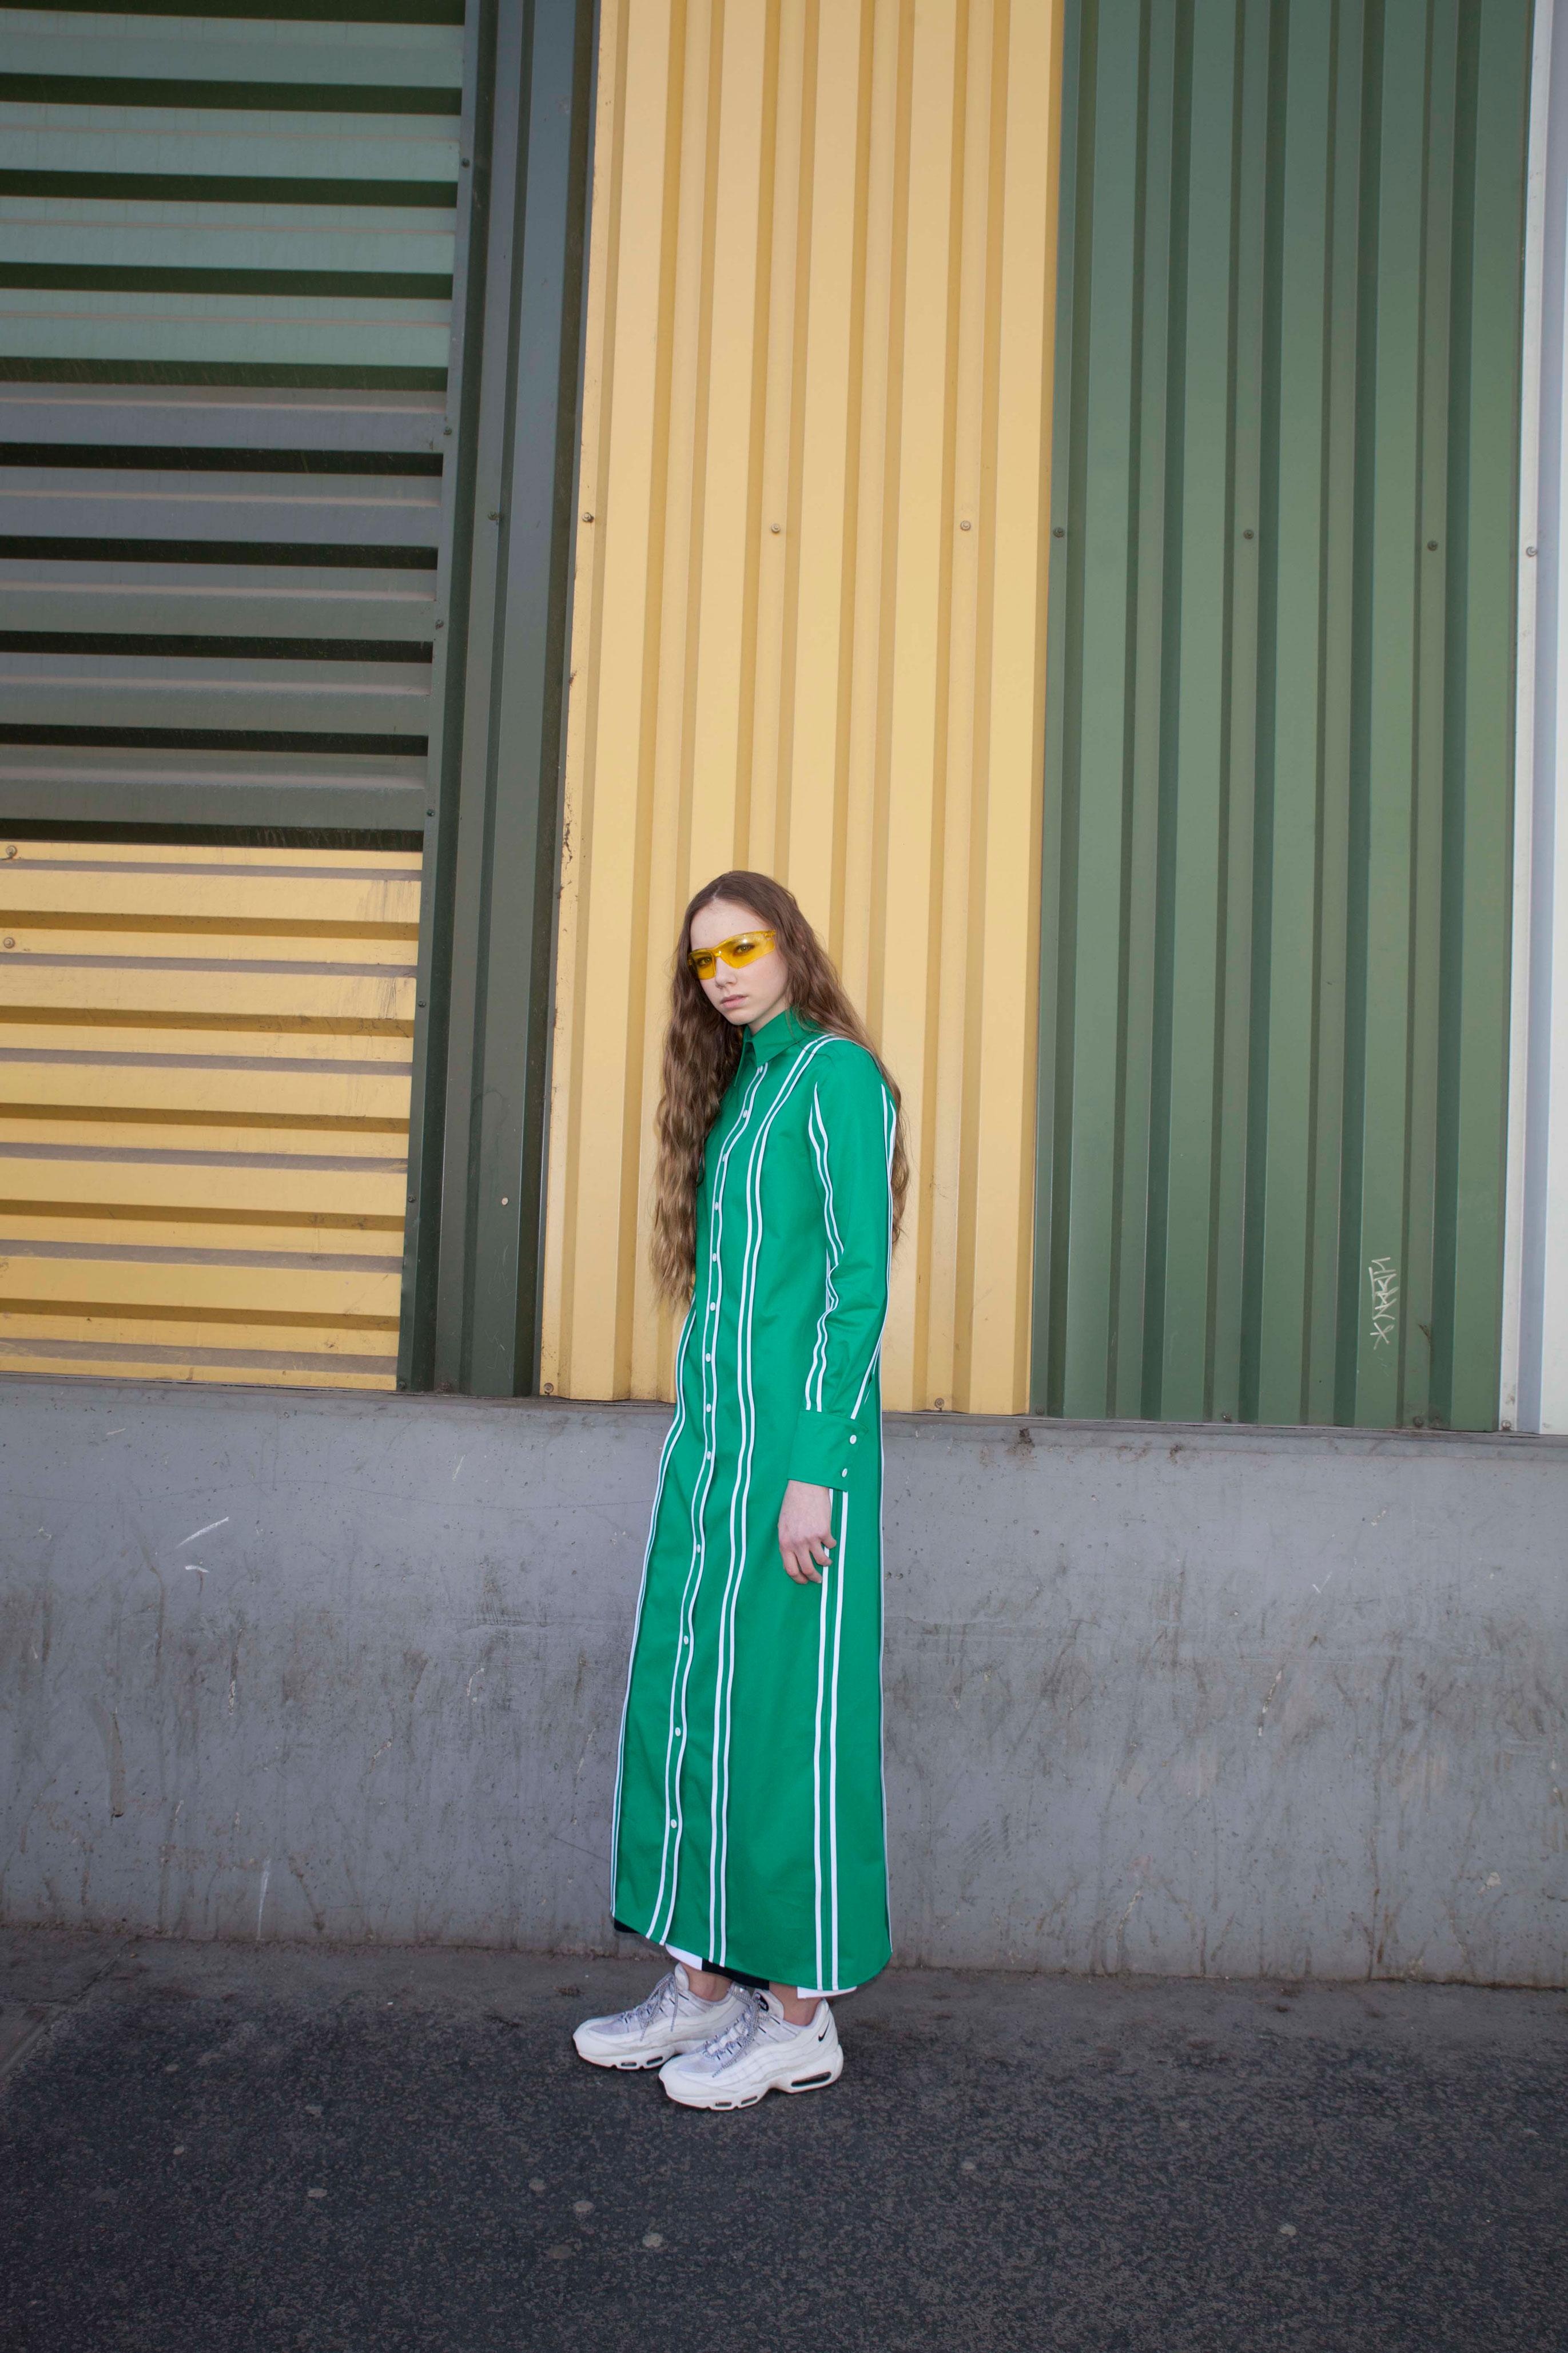 9. kép: A kelet-európai identitásra építő divatmárka, az OST